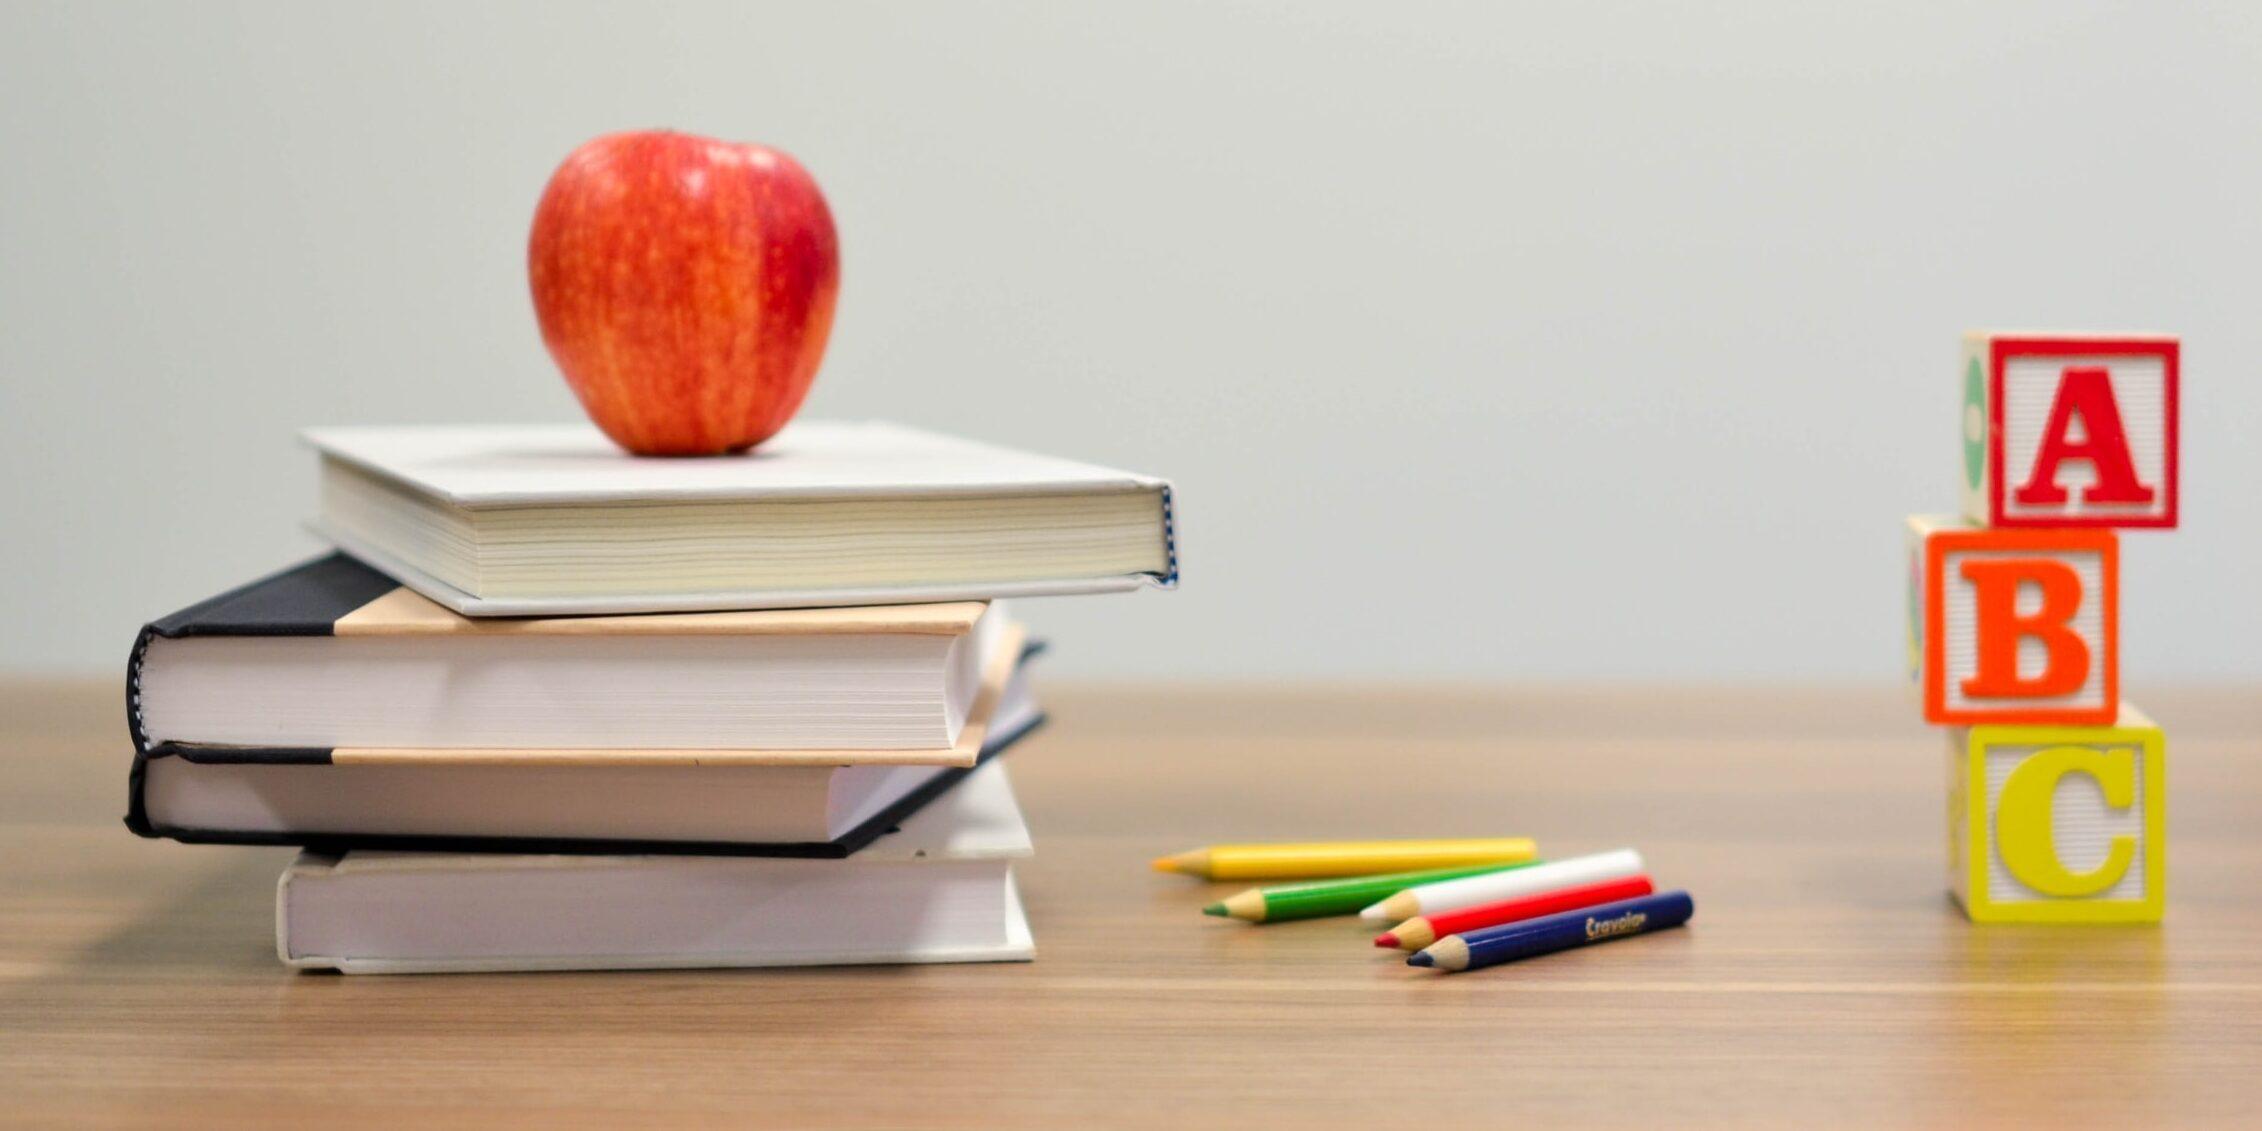 Kirjapino, kyniä, omena ja kirjainpalikoita pöydällä